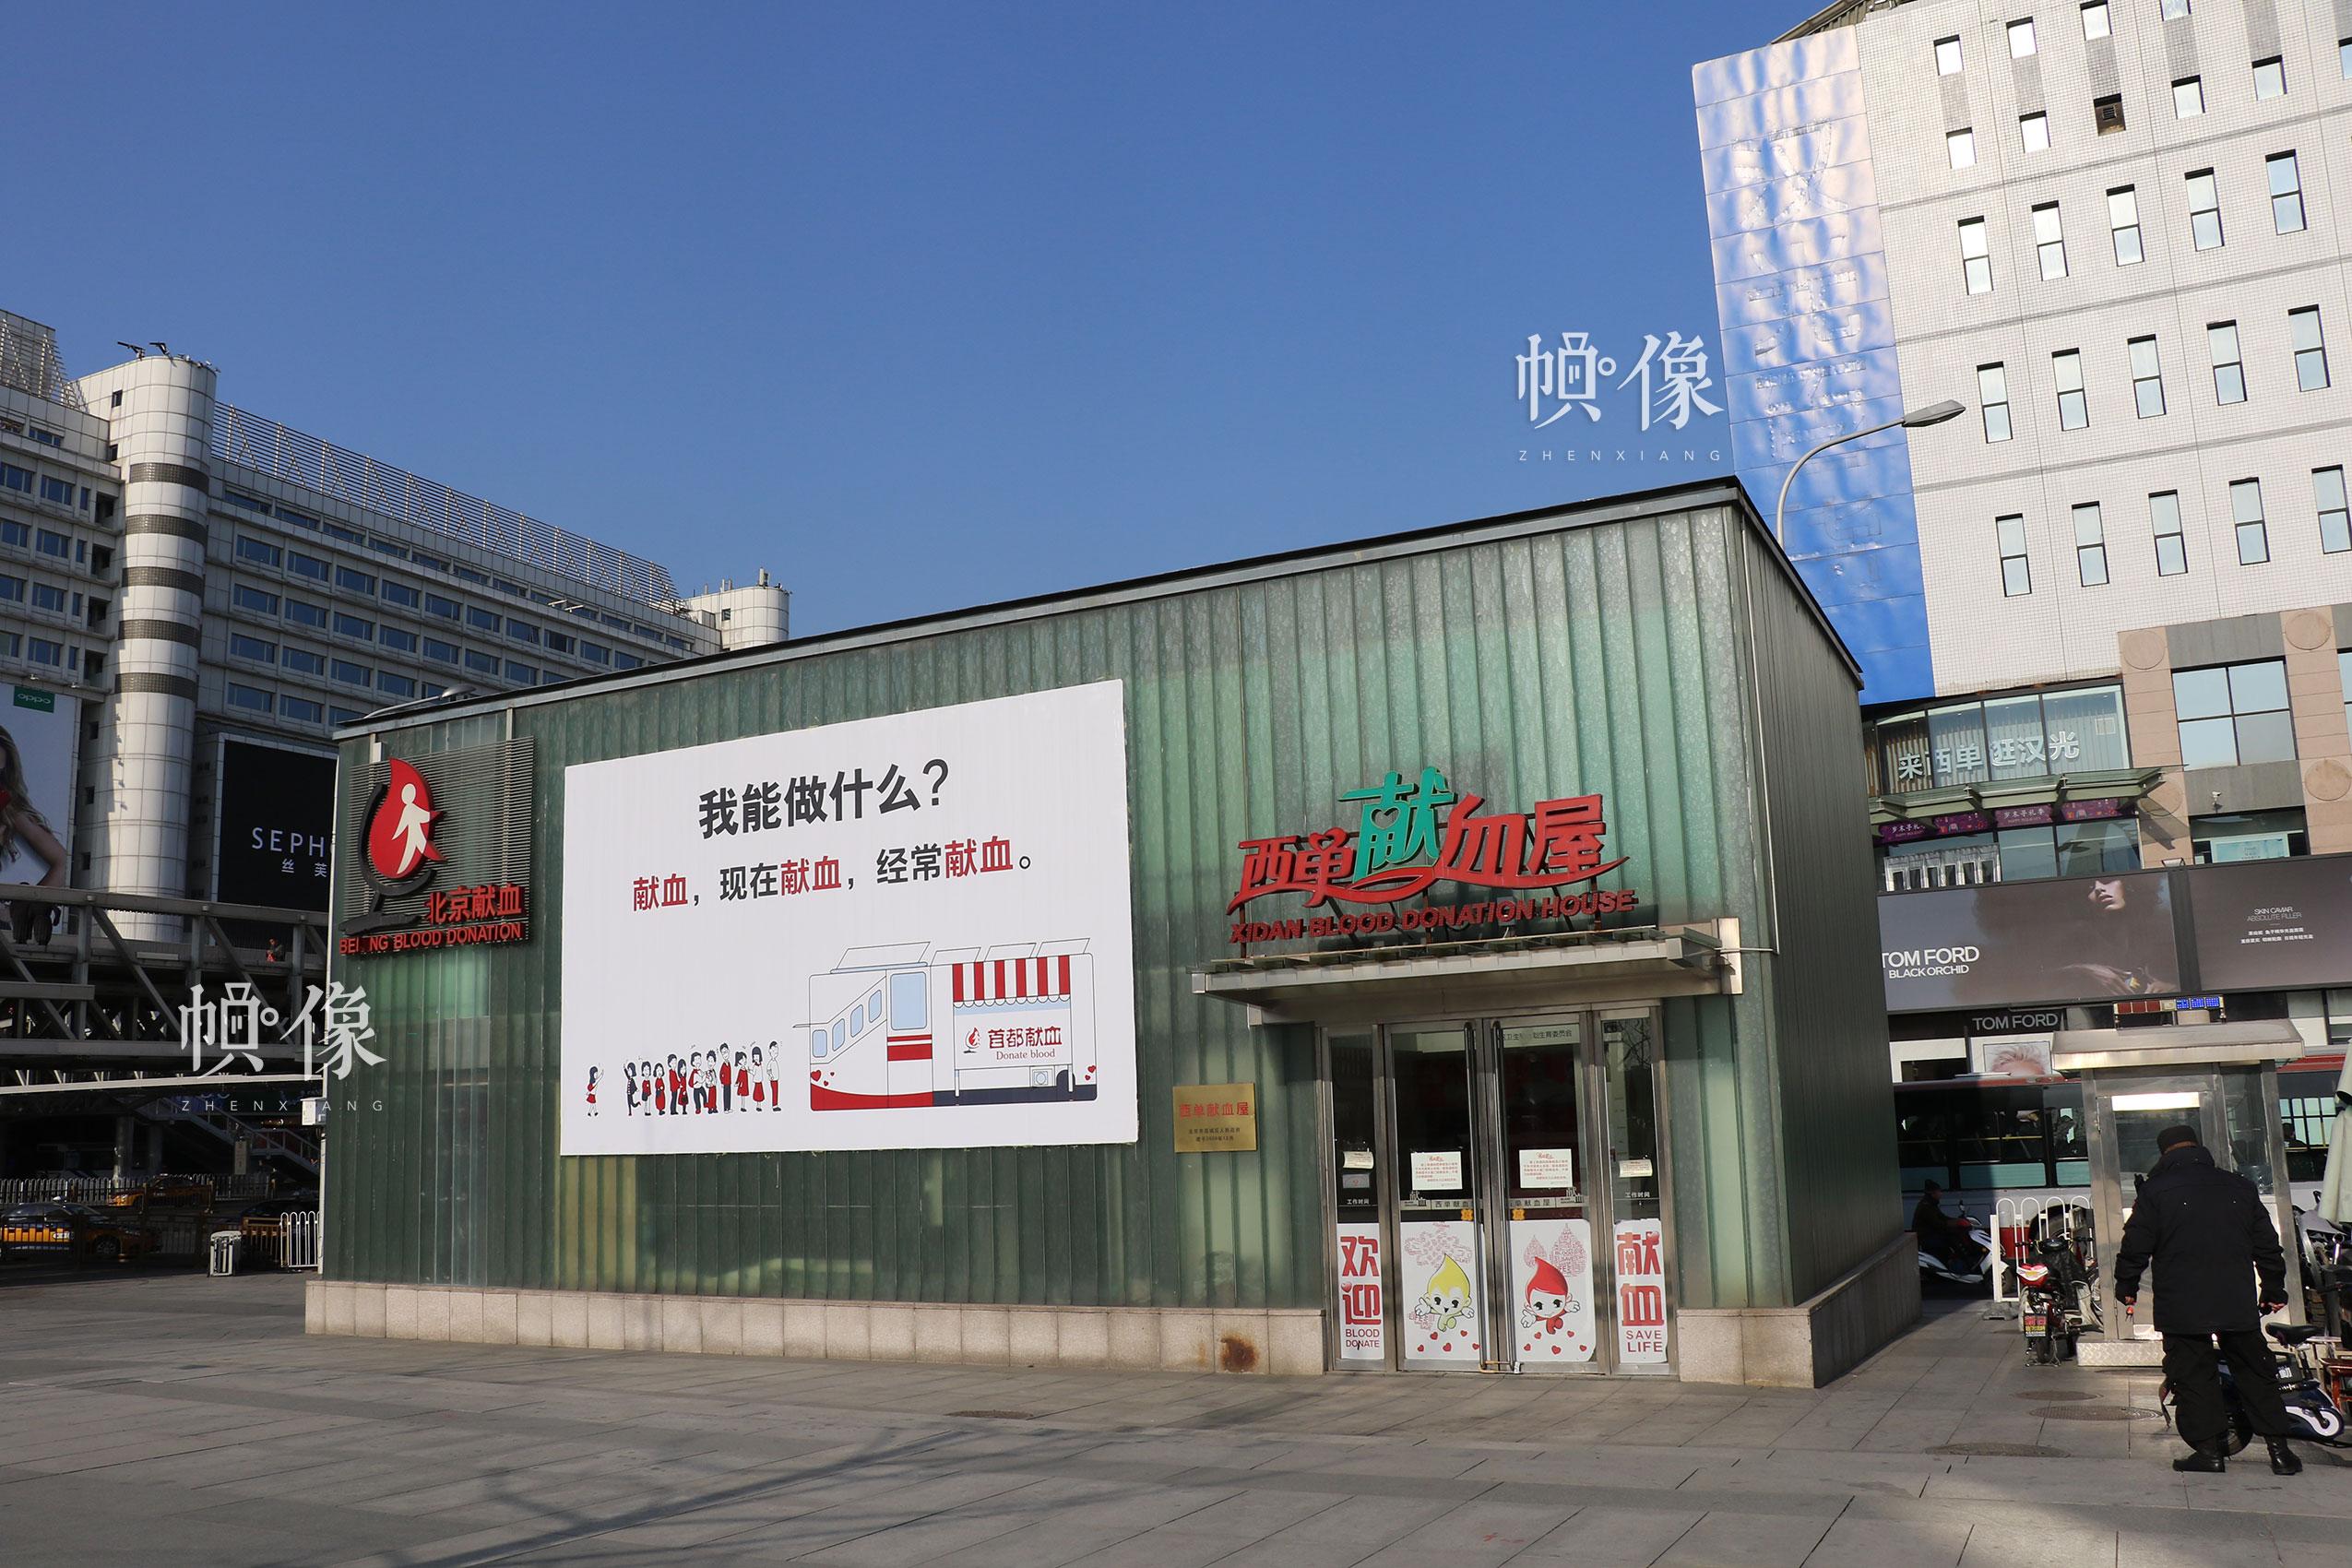 """2017年12月18日,北京西单的""""西单献血屋"""",现正等待重新修缮后再投入使用。中国网实习记者 朱珊杉 摄"""